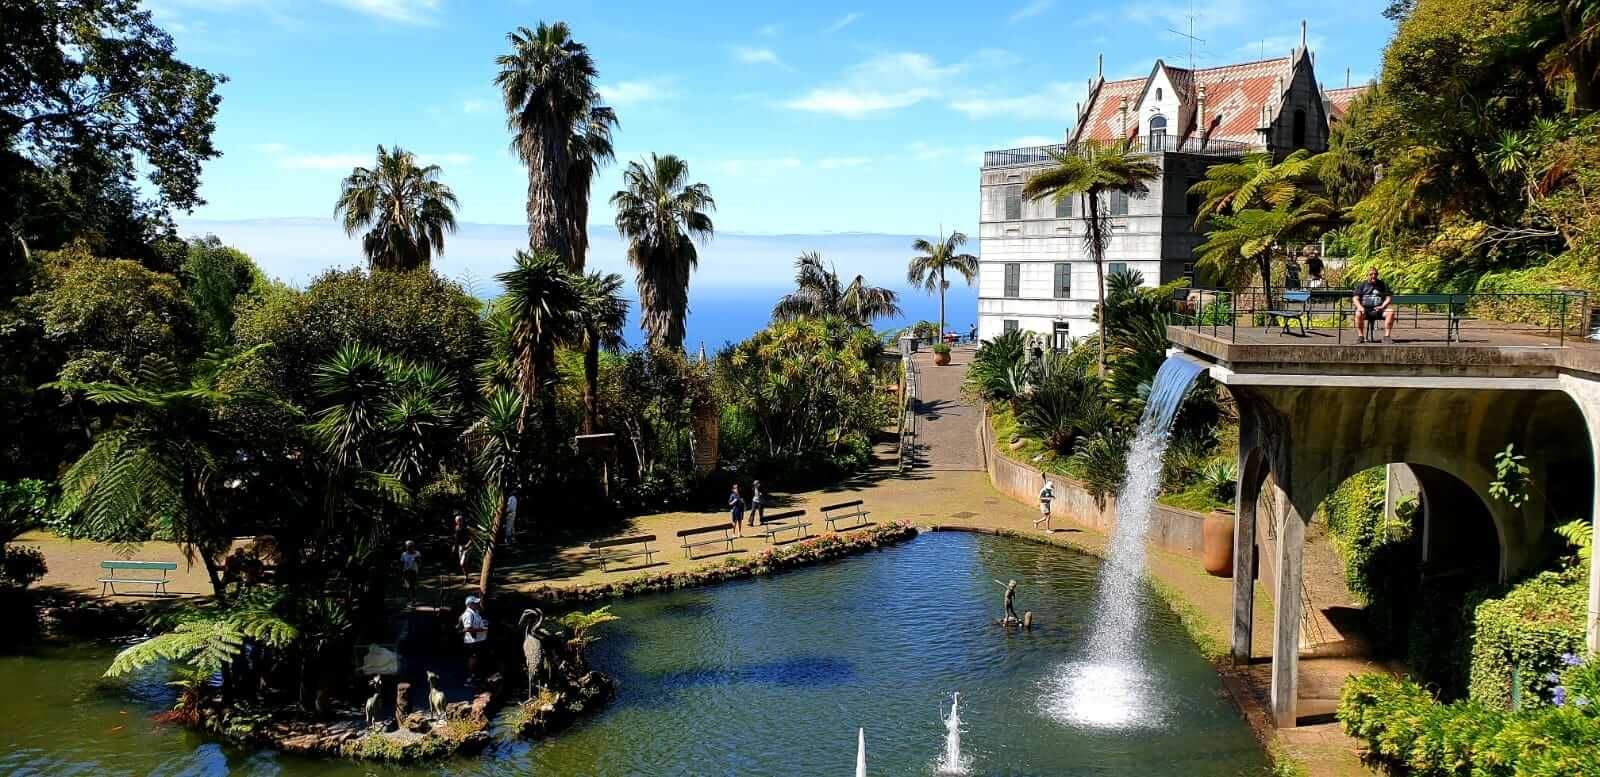 Monte Palace Tropical Garden (c) Sergio-Luis Recalde